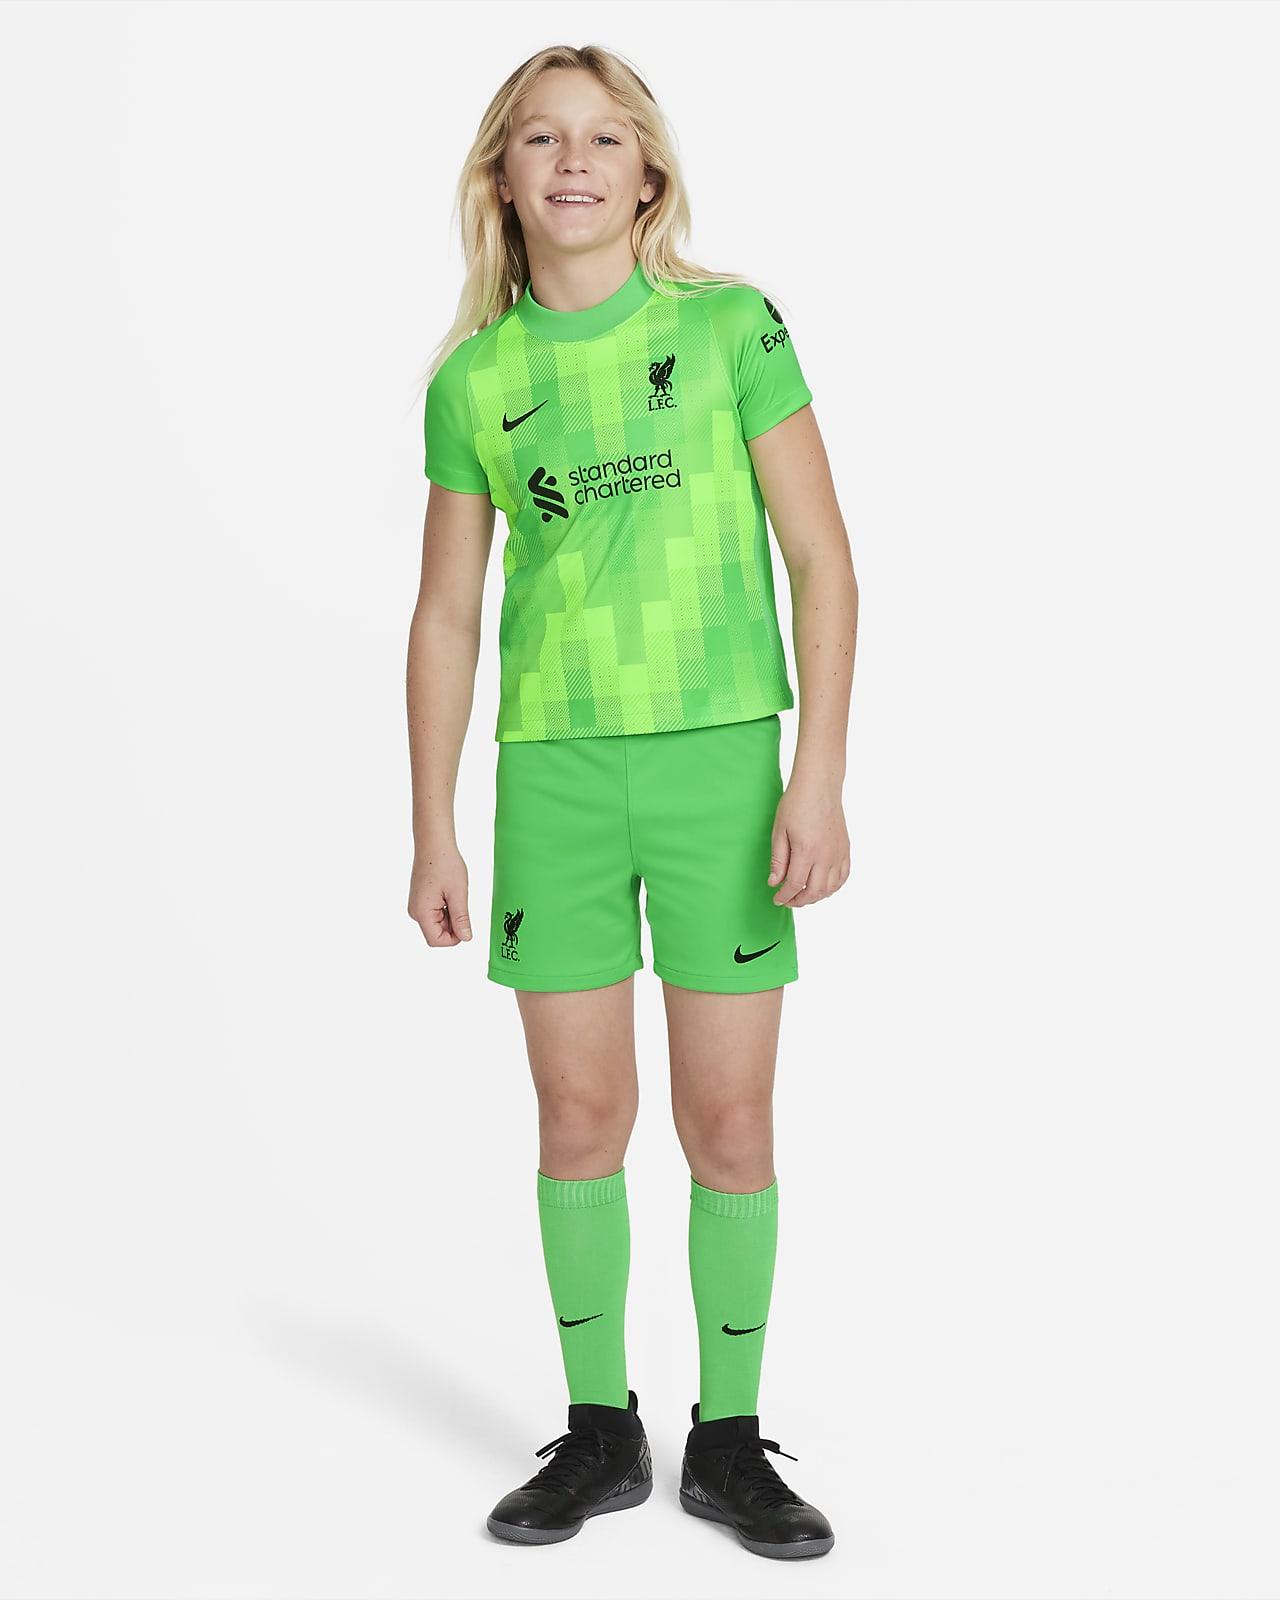 Liverpool FC 2021/22 Goalkeeper fotballdraktsett til små barn